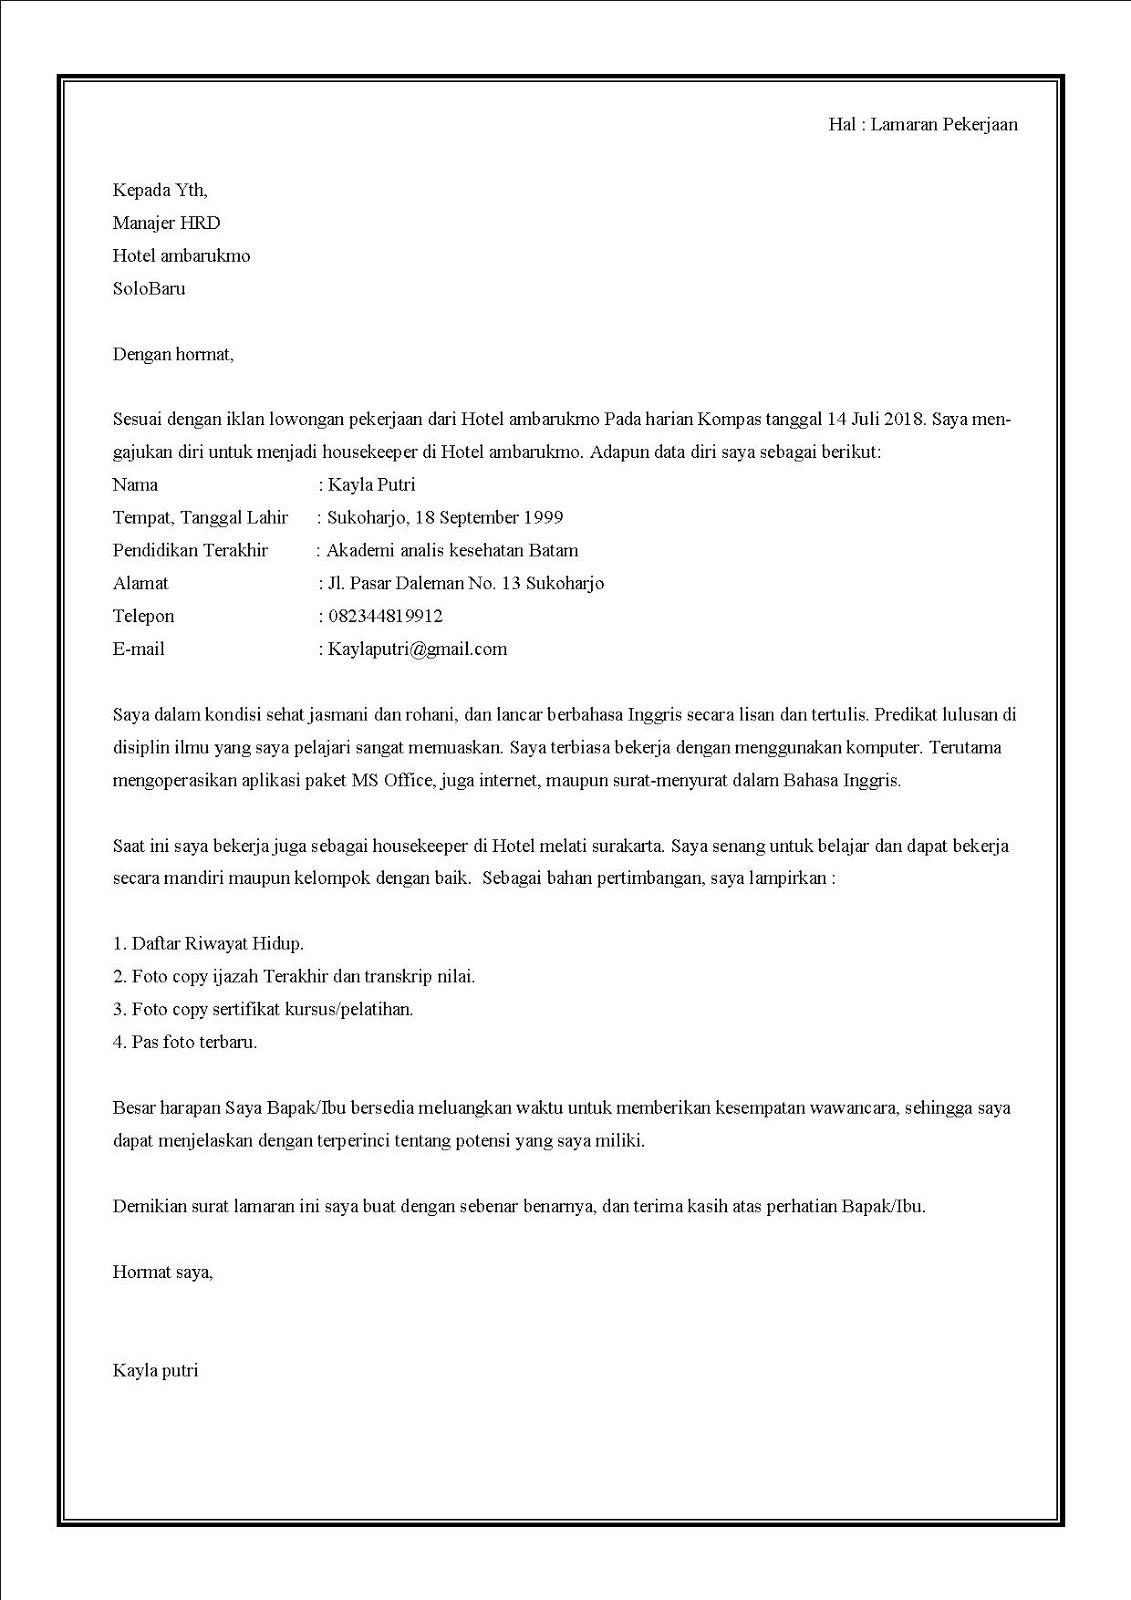 Contoh surat lamaran kerja di hotel sebagai housekeeper